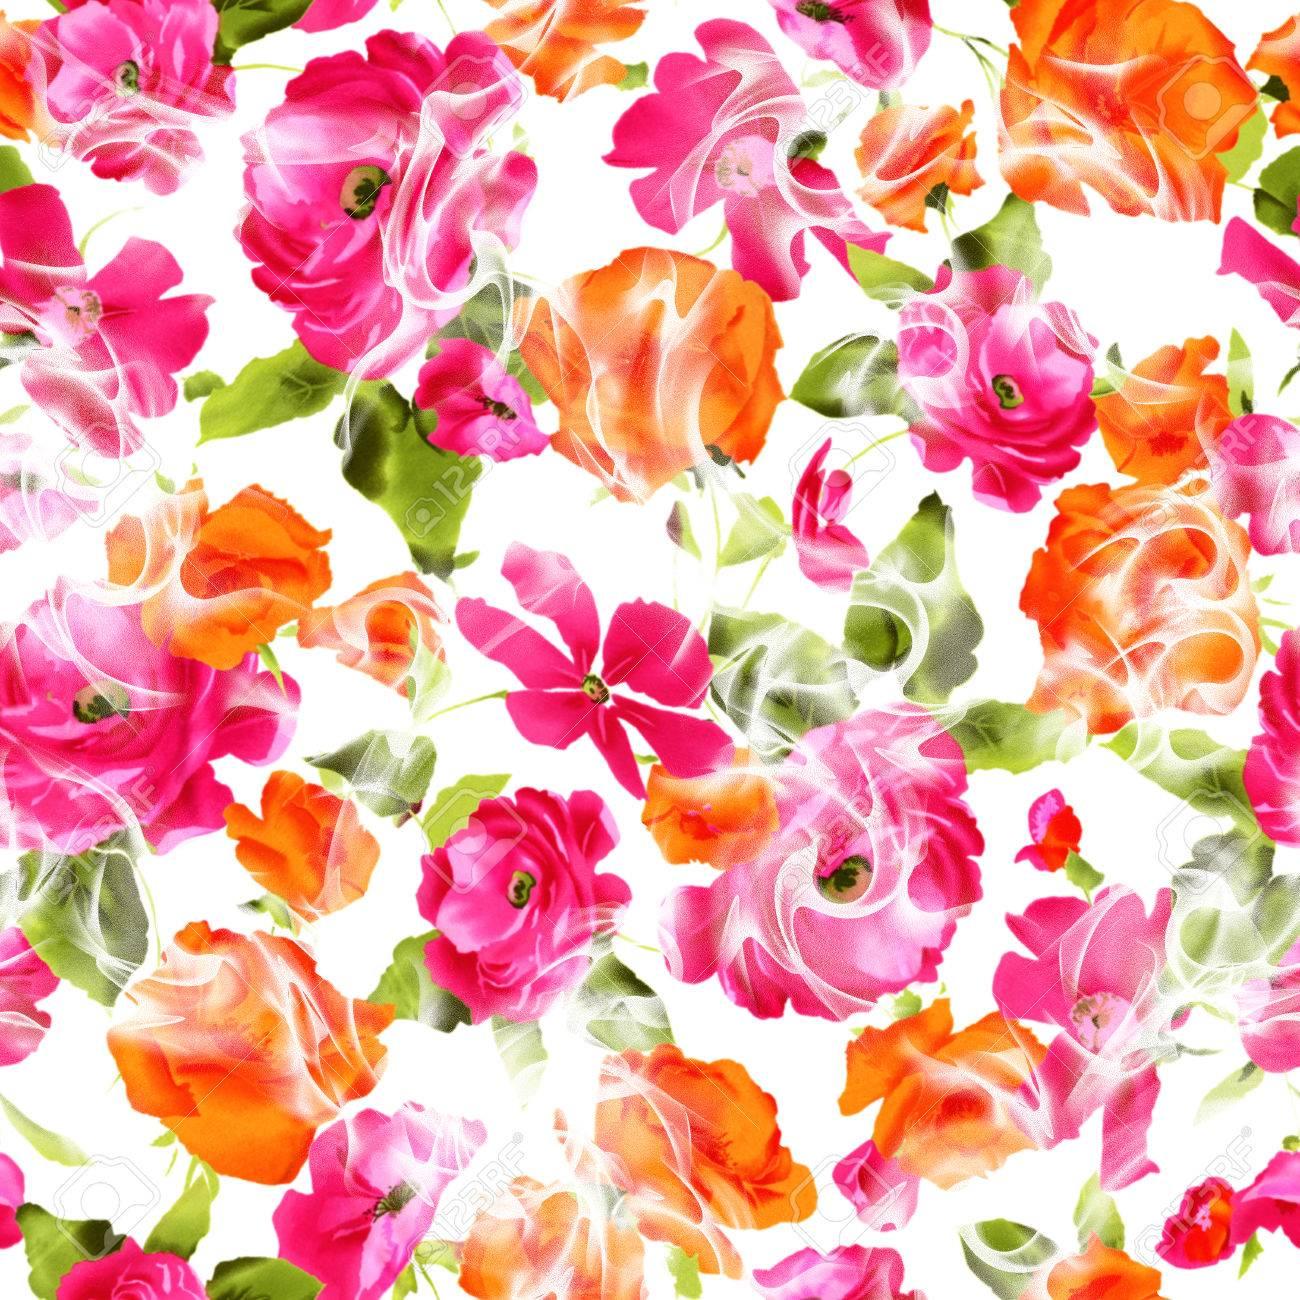 flower pattern - 35274233